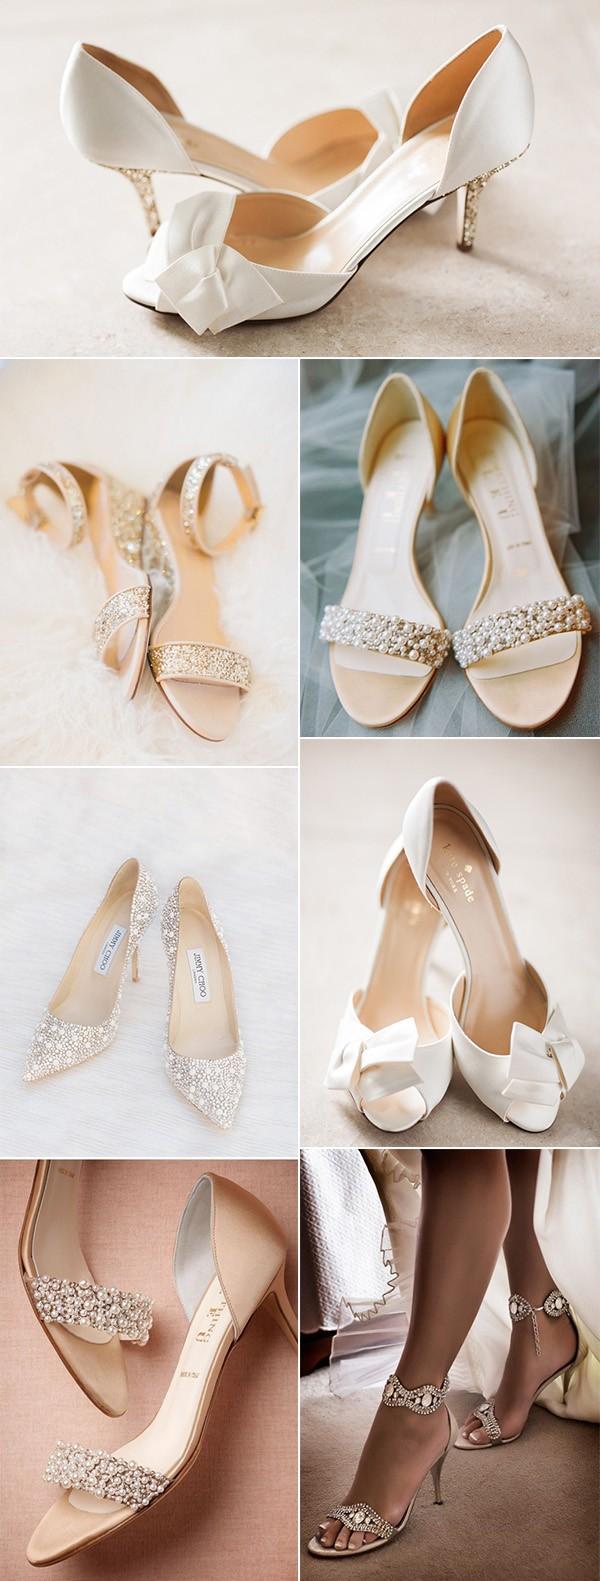 trending elegant low heel comfortable wedding shoes